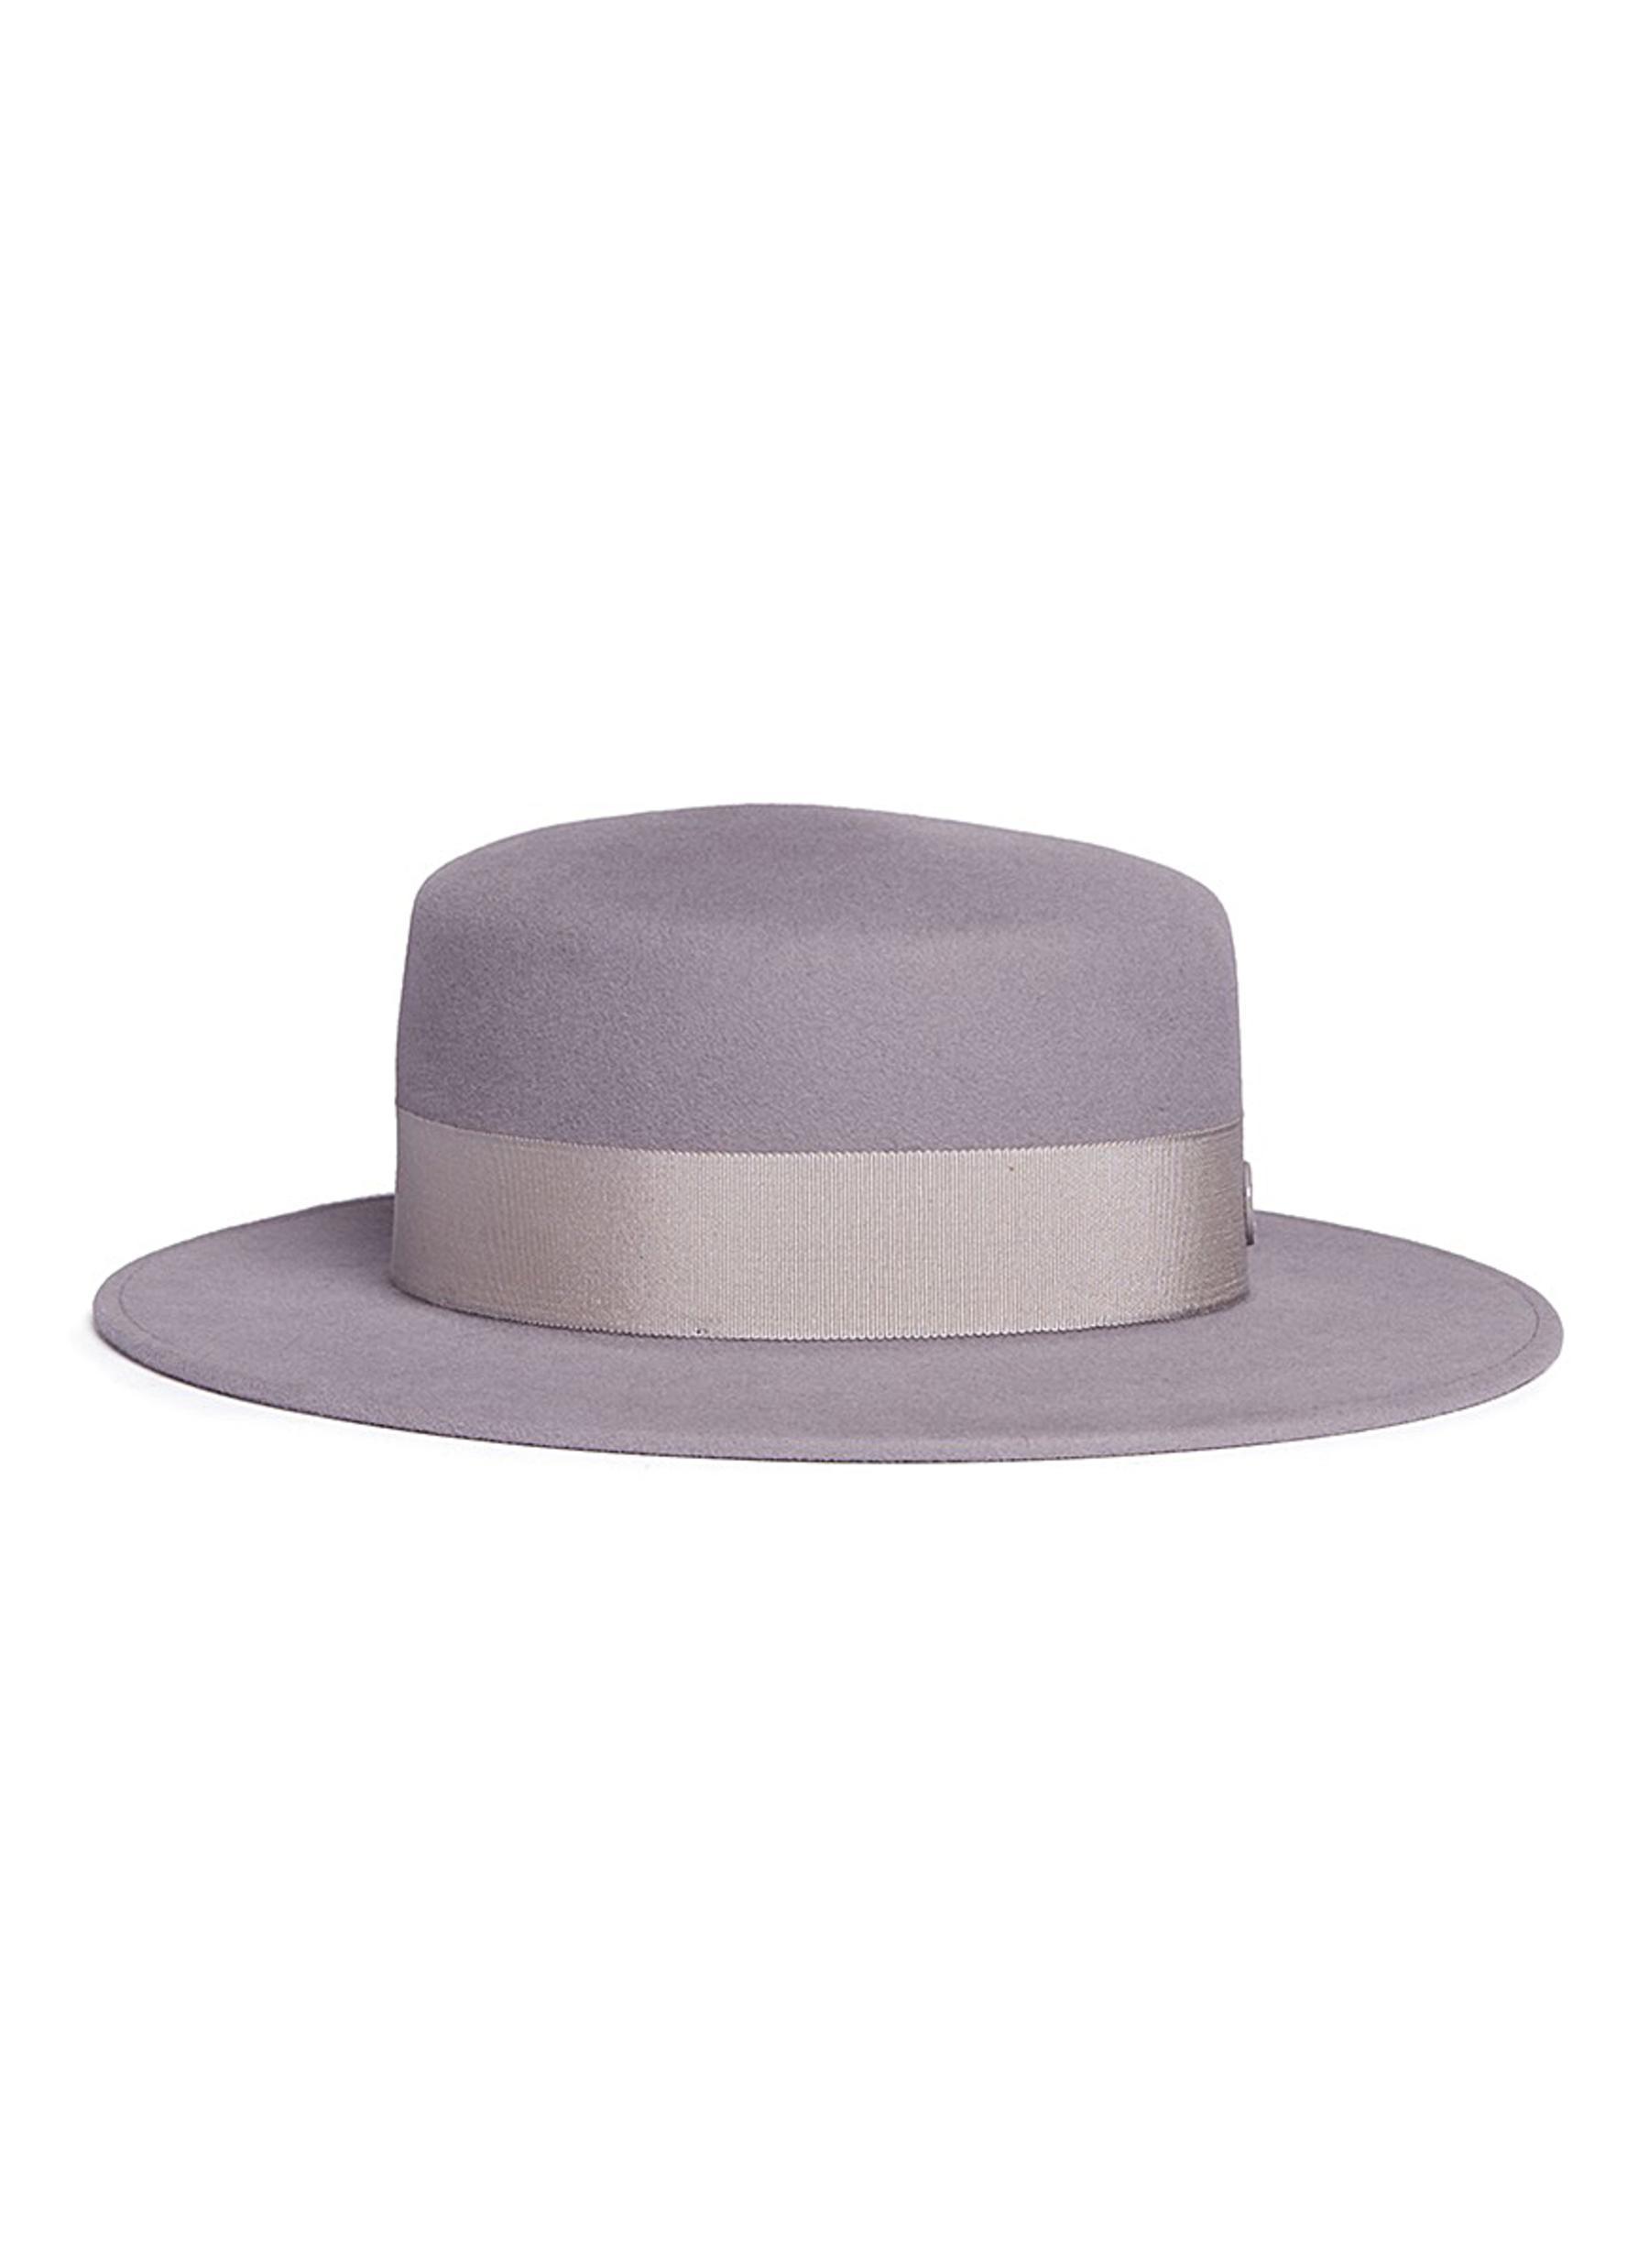 a1738d6c40e Lyst - Maison Michel  kiki  Rabbit Furfelt Canotier Hat in Purple ...